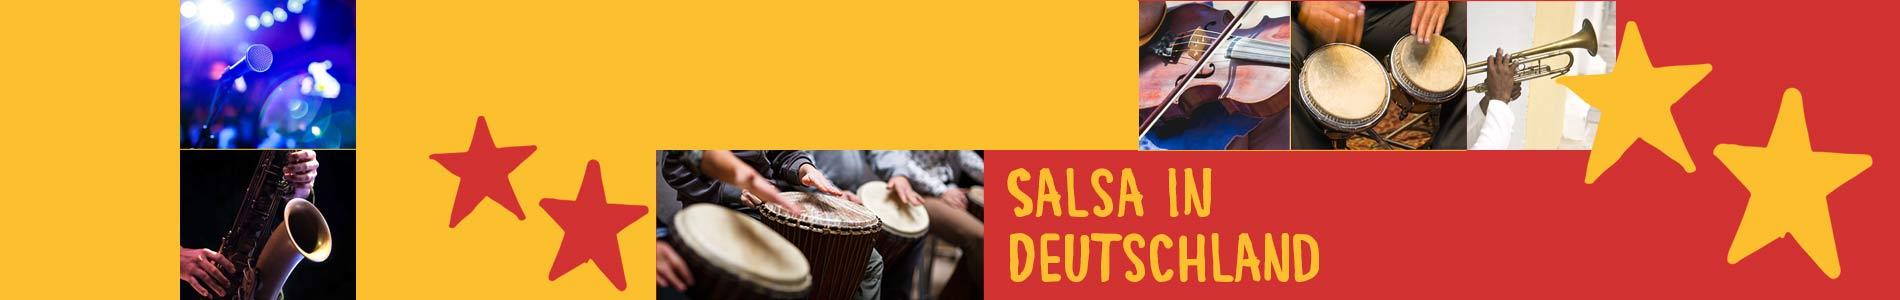 Salsa in Büsingen – Salsa lernen und tanzen, Tanzkurse, Partys, Veranstaltungen